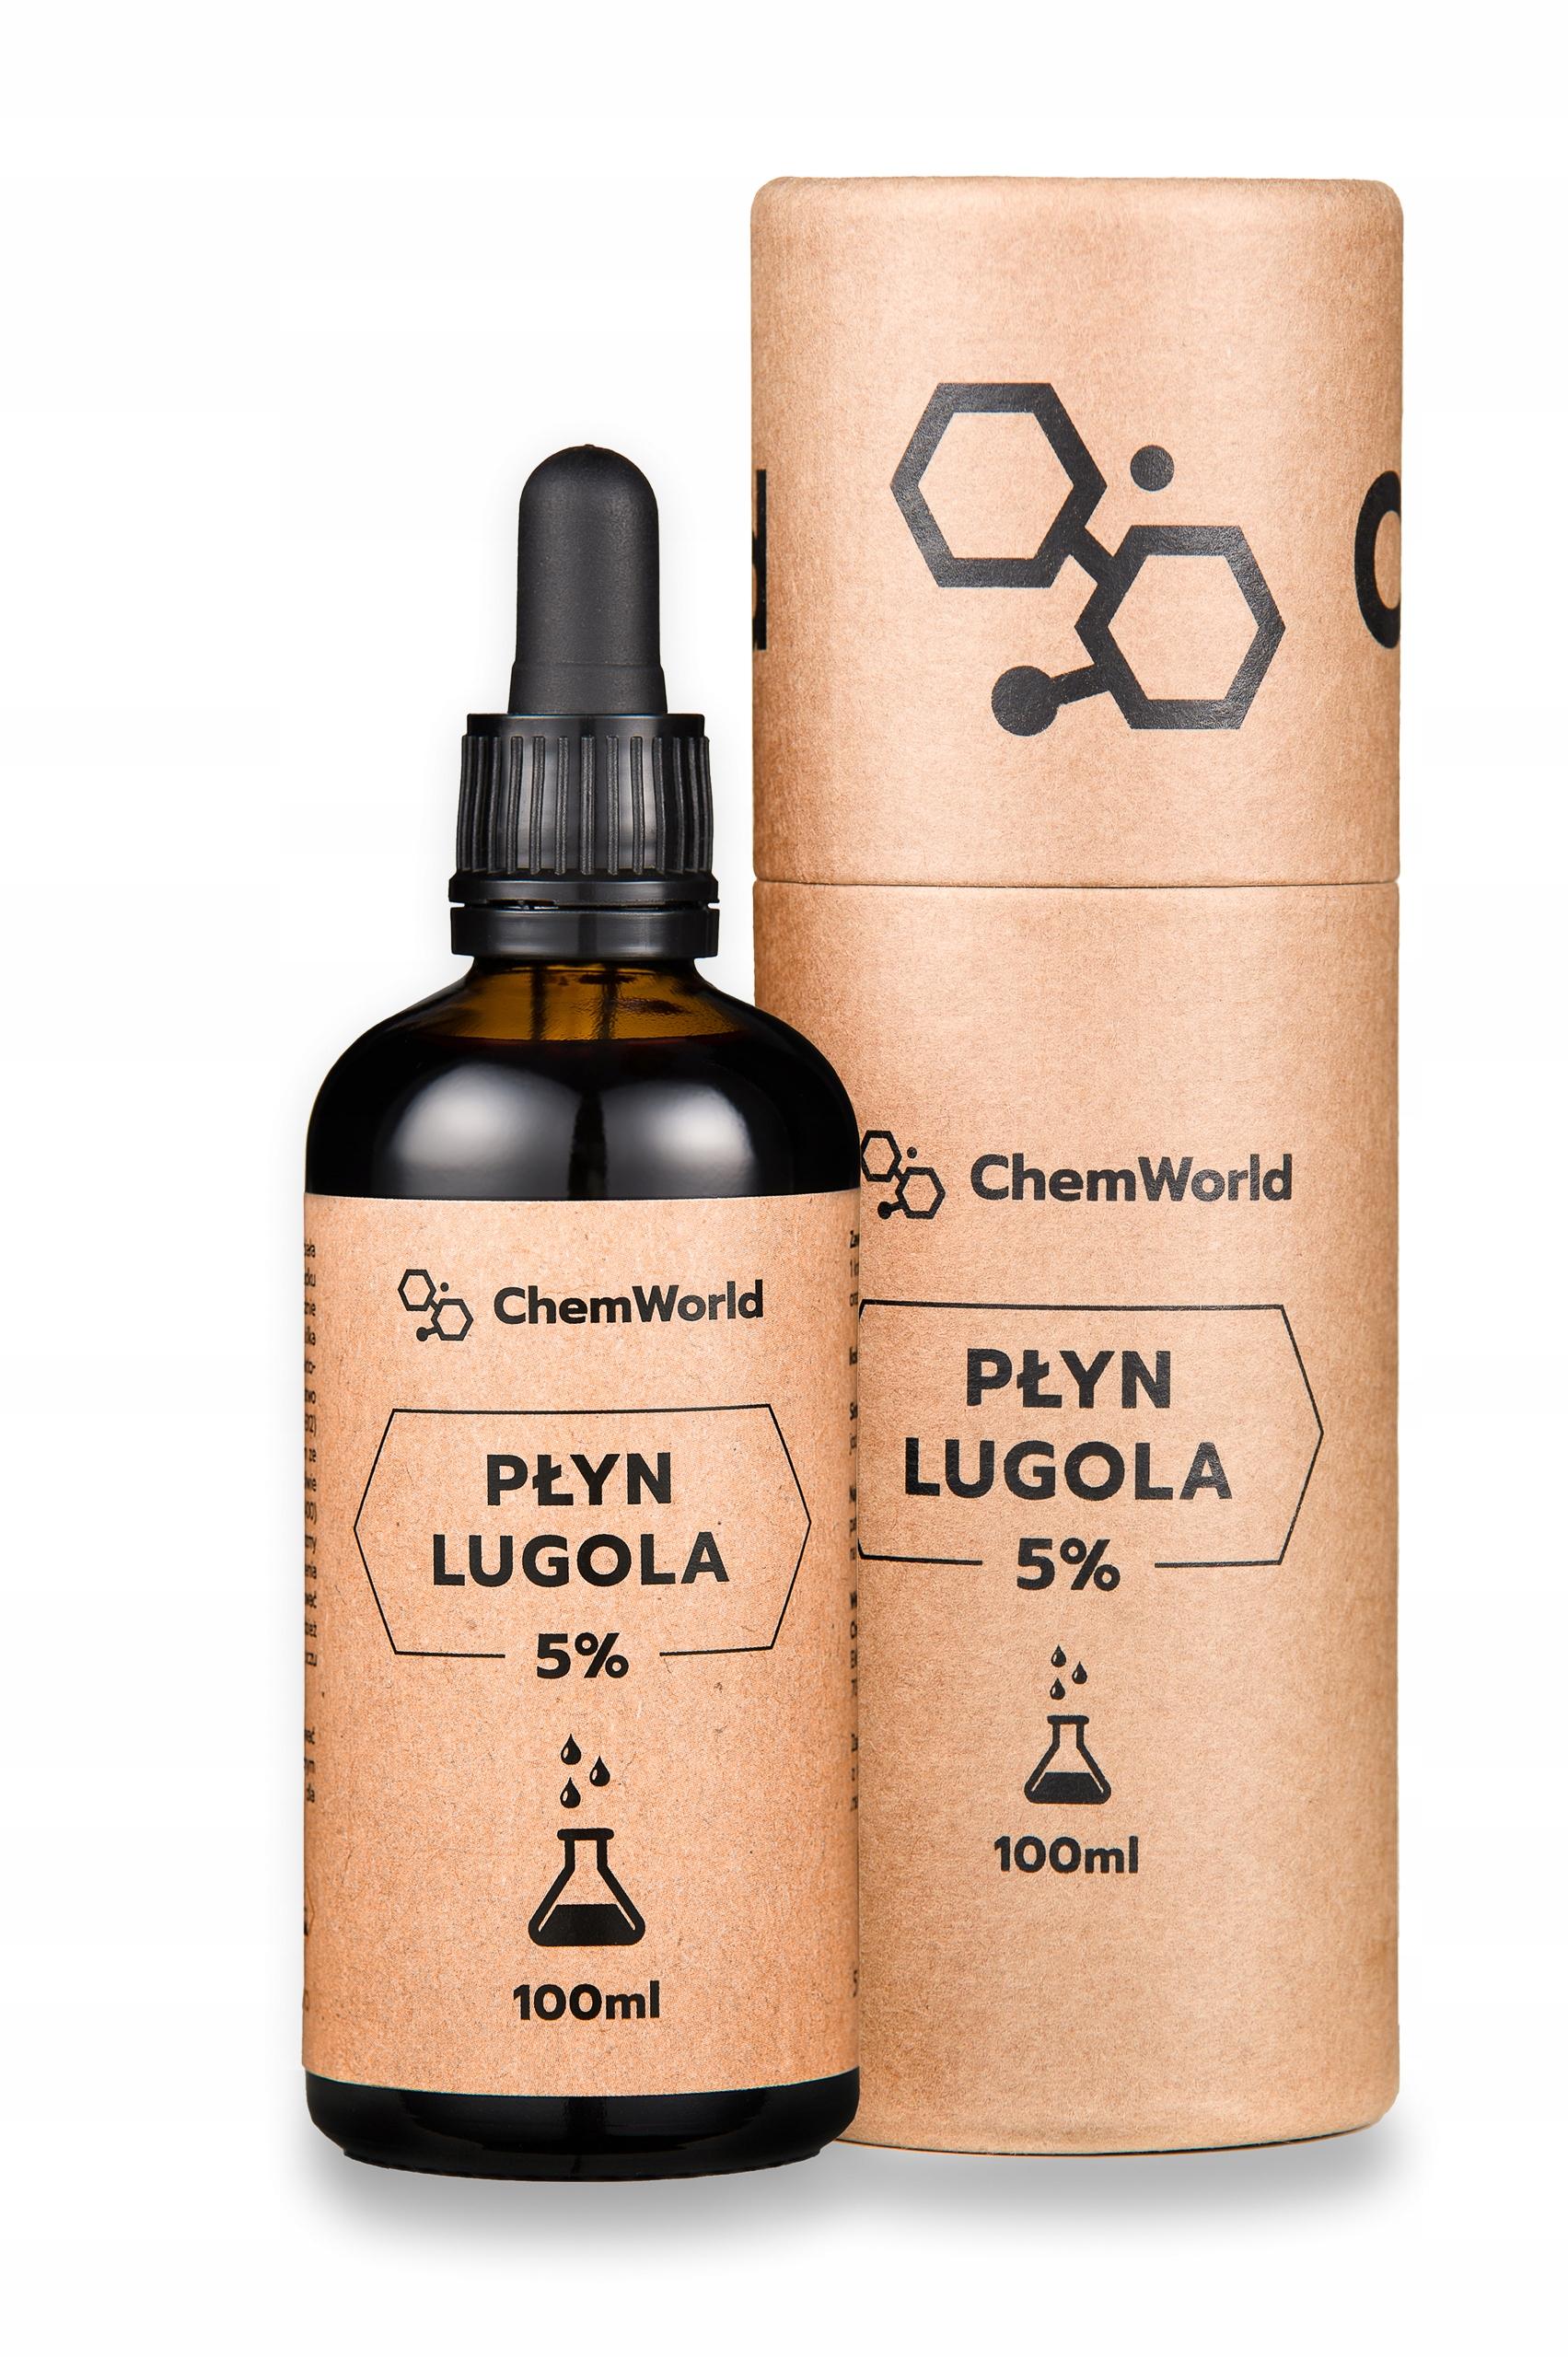 Płyn Lugola 5% 100 ml - JOD Czysty CZDA ChemWorld